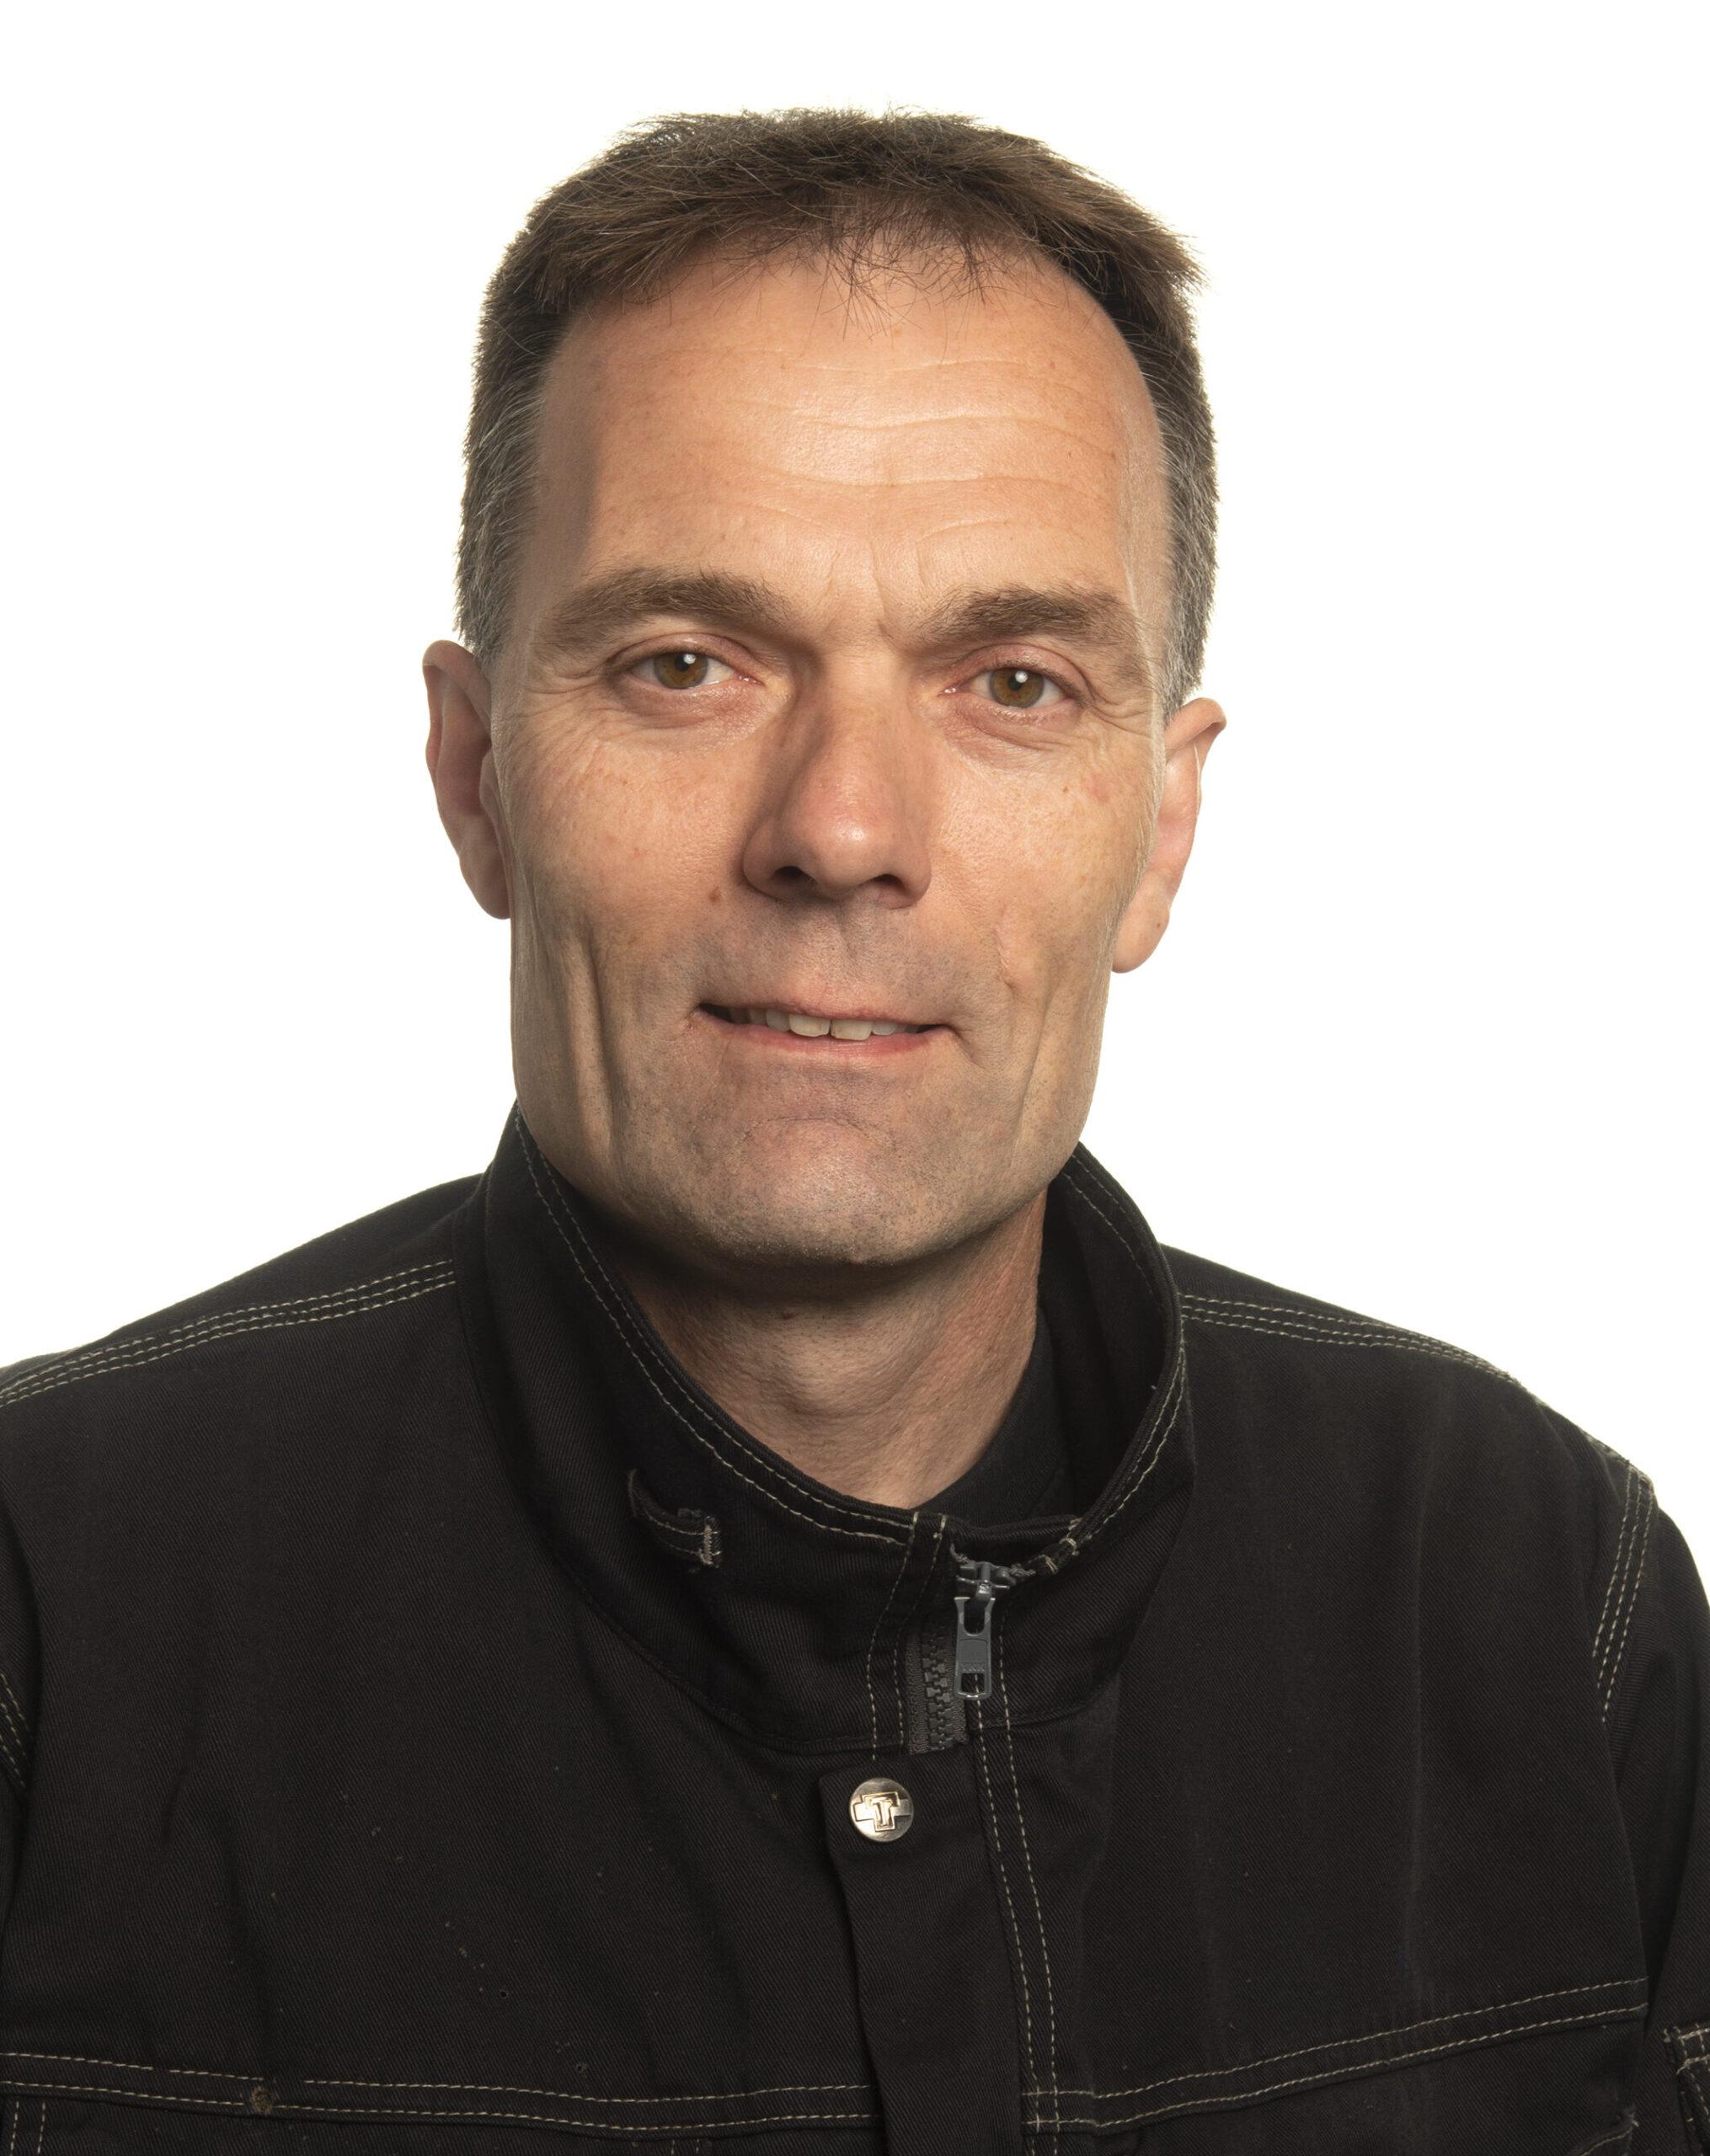 Jørgen Hauge Andersen